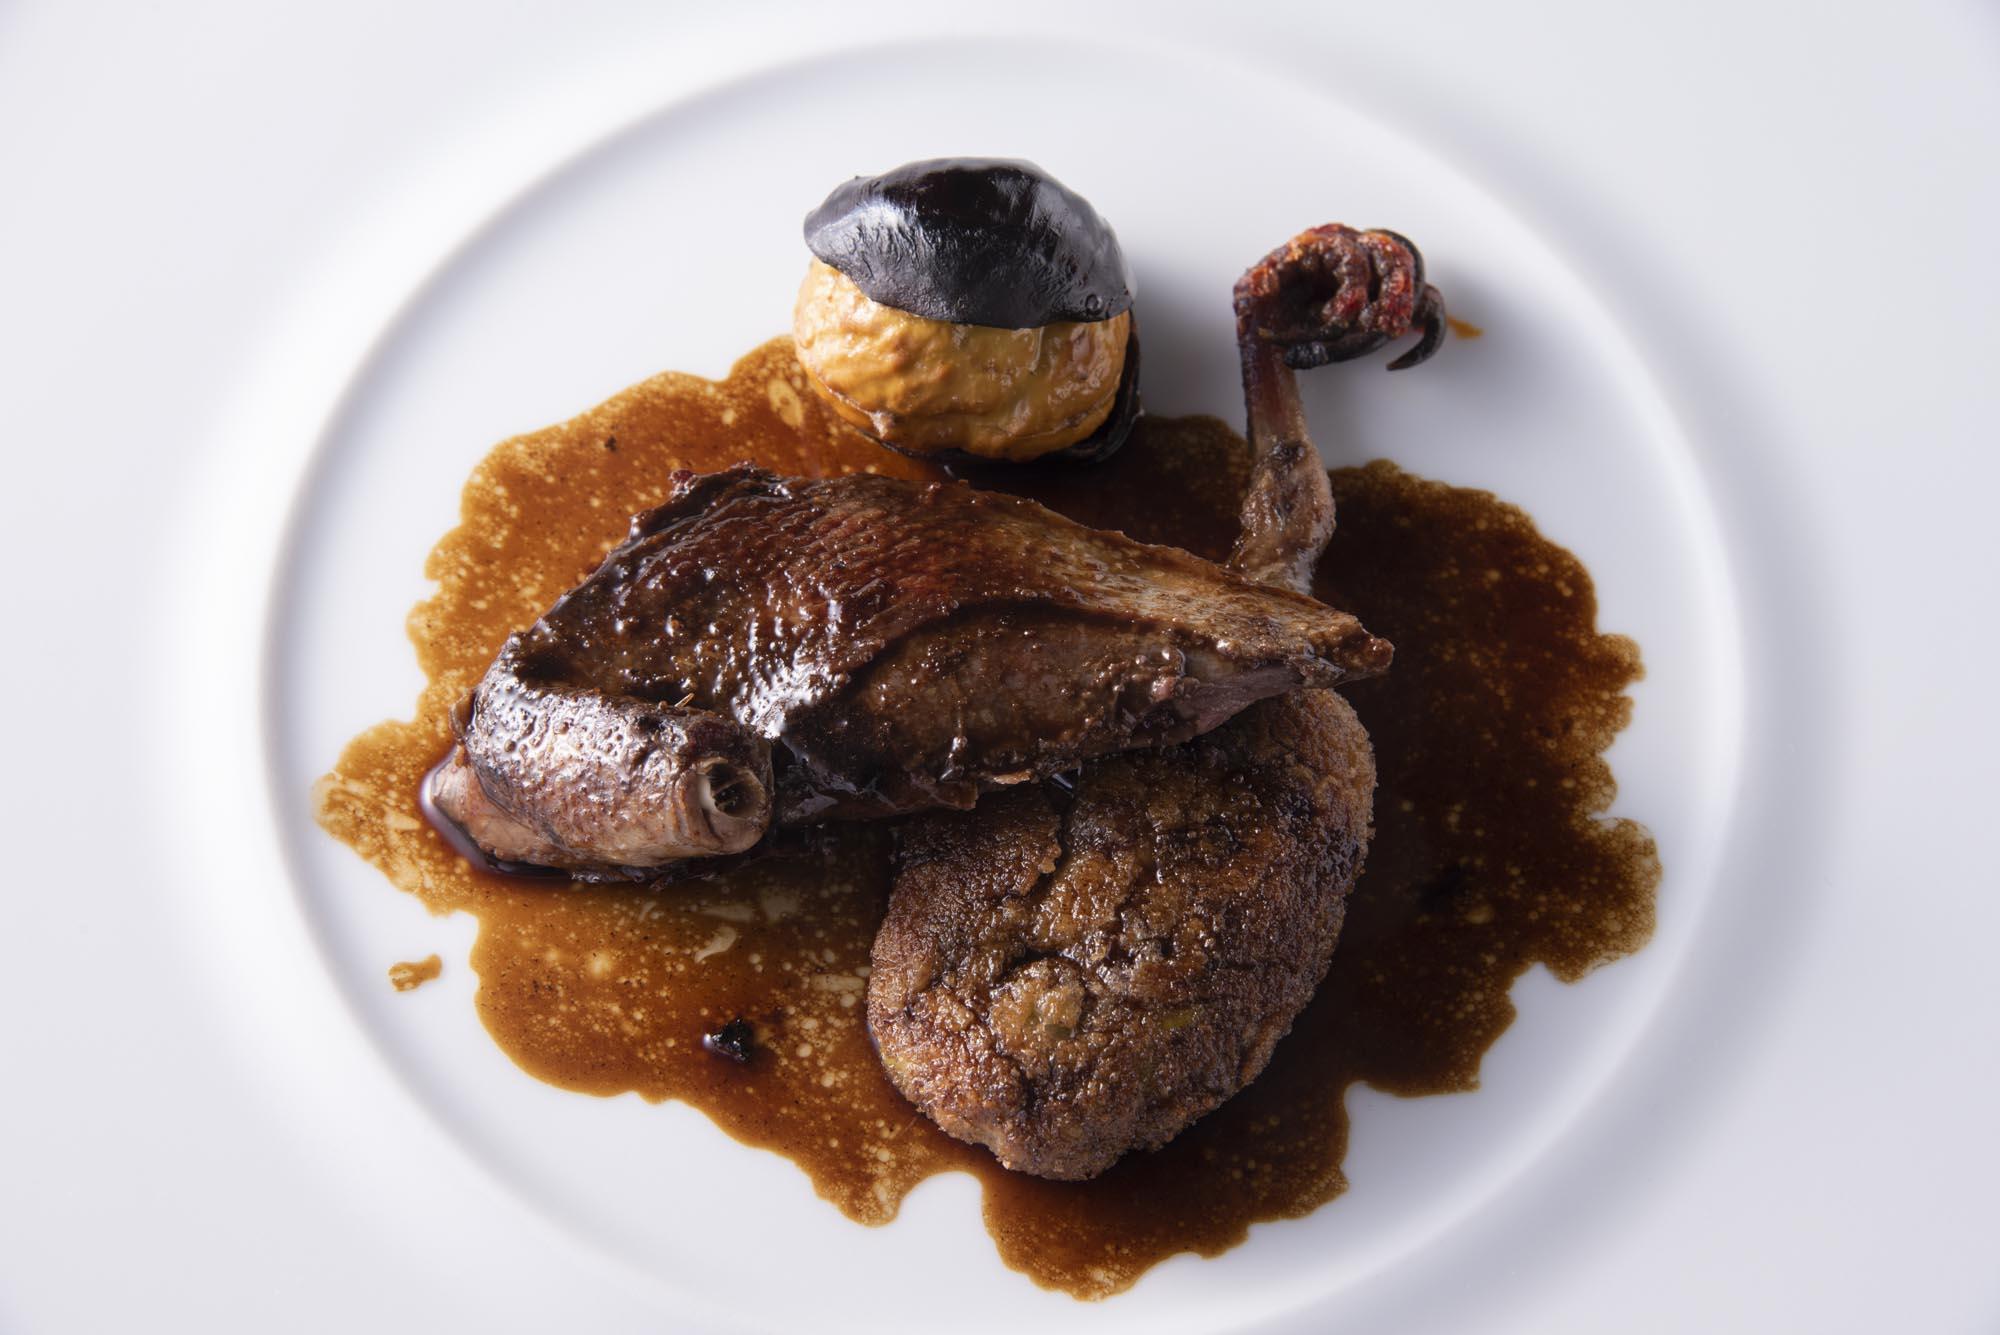 野生山鳩の胸肉のロースト、モモ肉のコロッケとポロタン